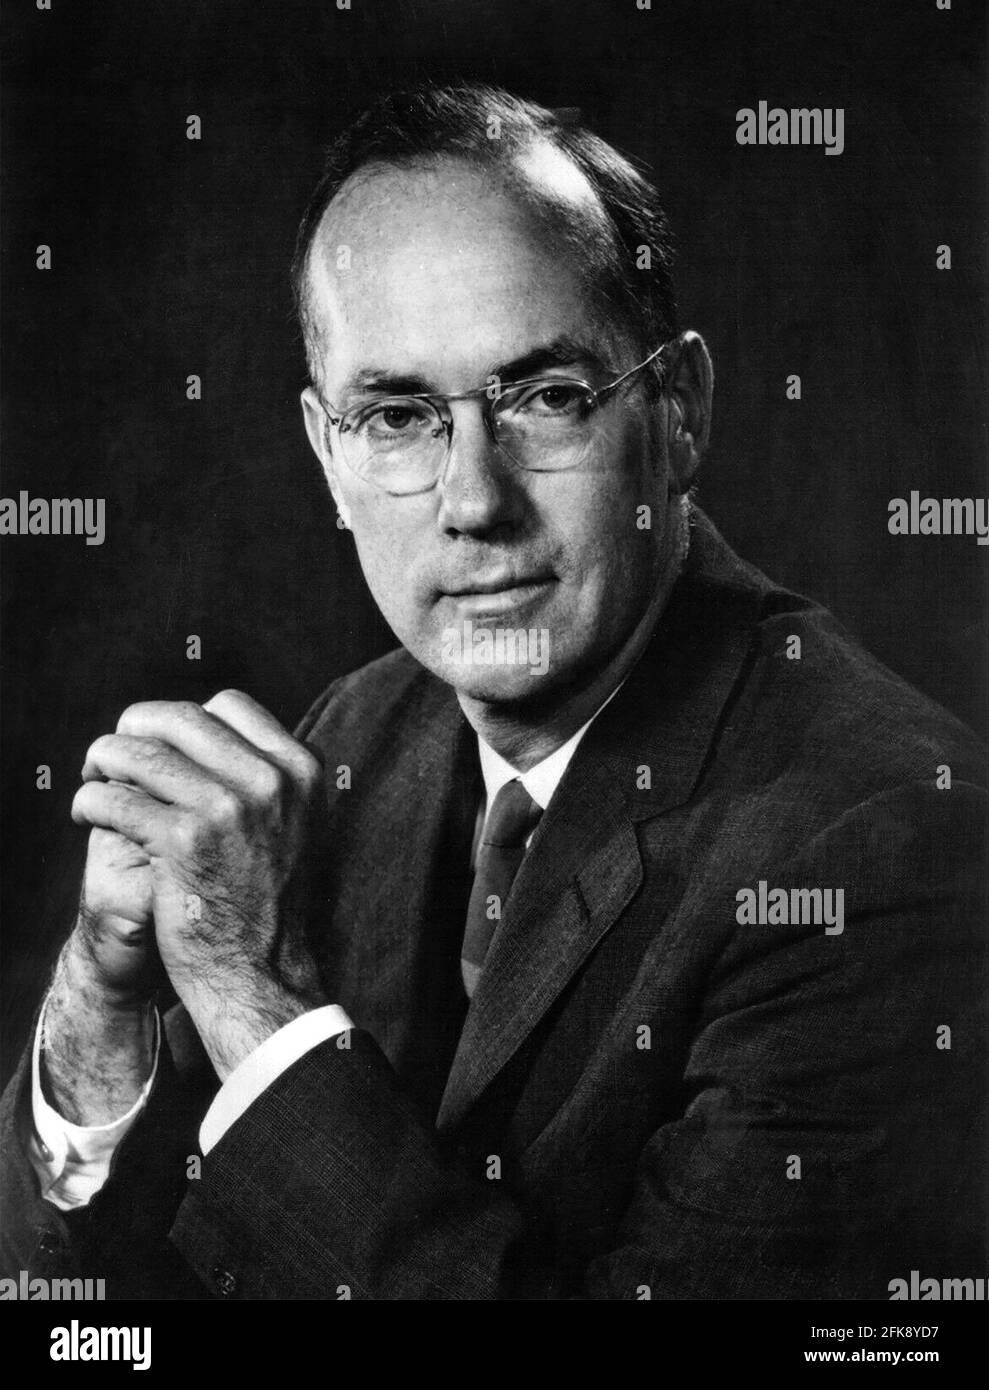 Charles Towne. Portrait du physicien américain Charles Hard Towne (1915-2015) Banque D'Images